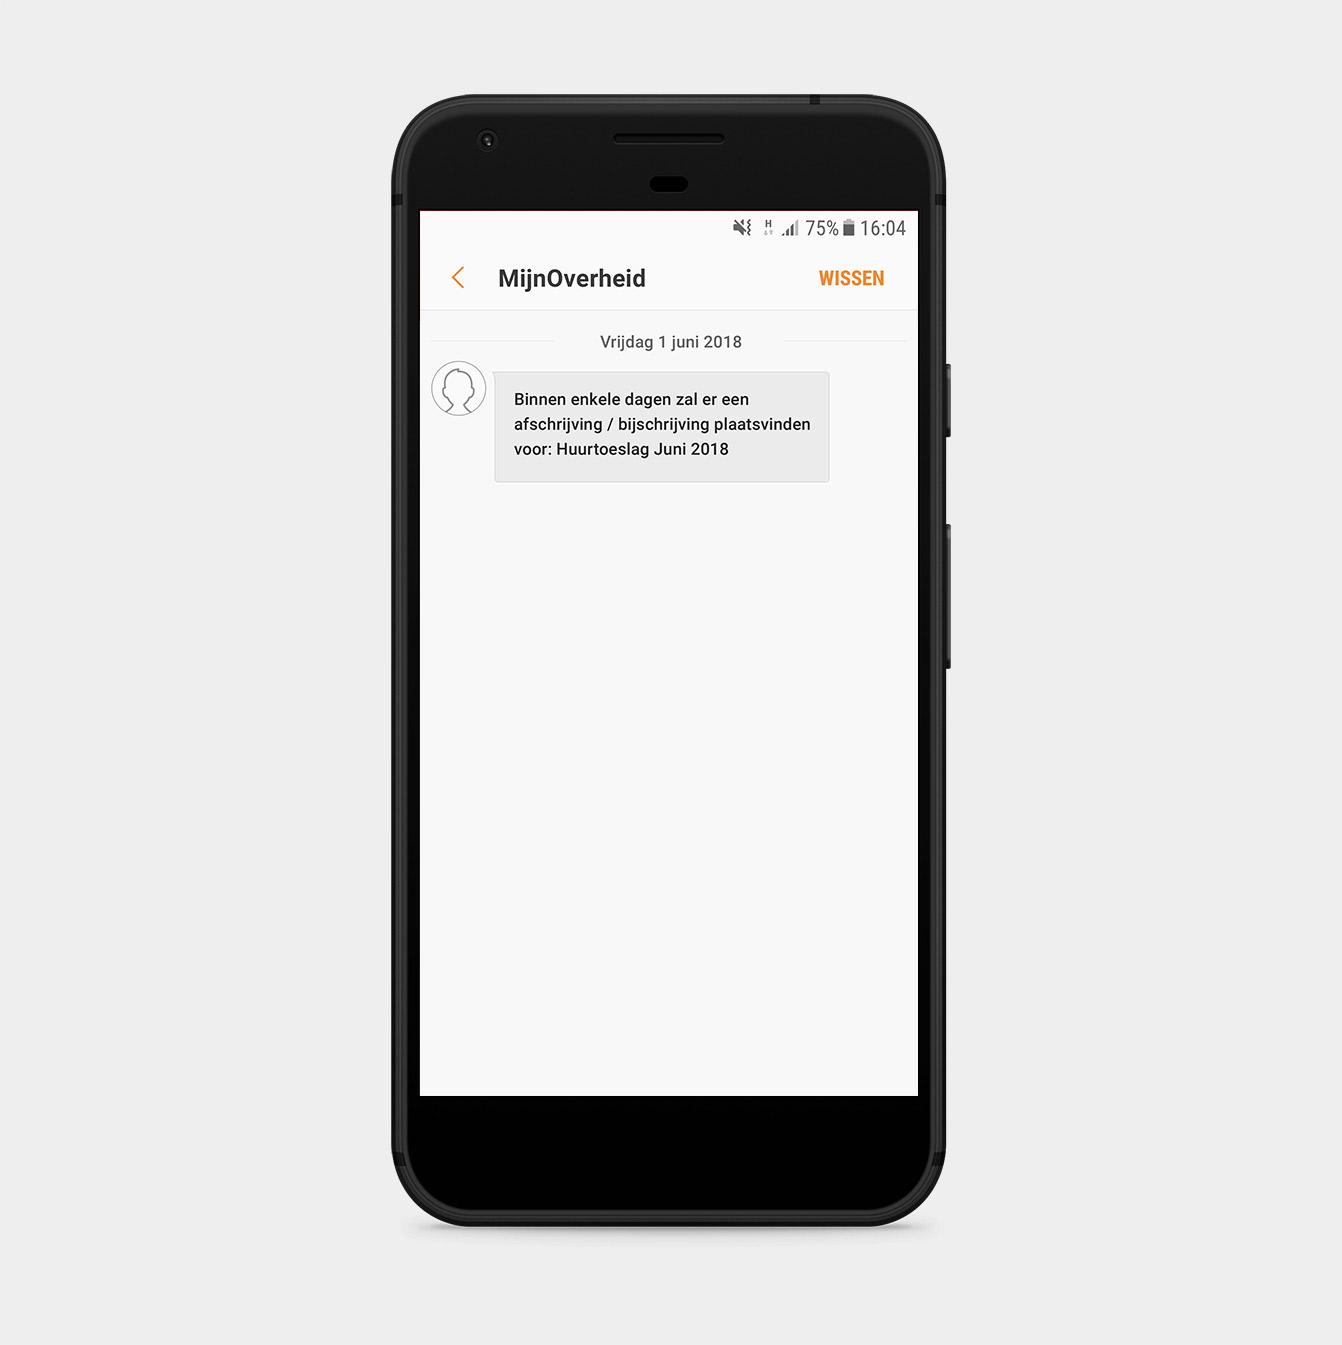 Ontvangen van een SMS Mijnoverheid